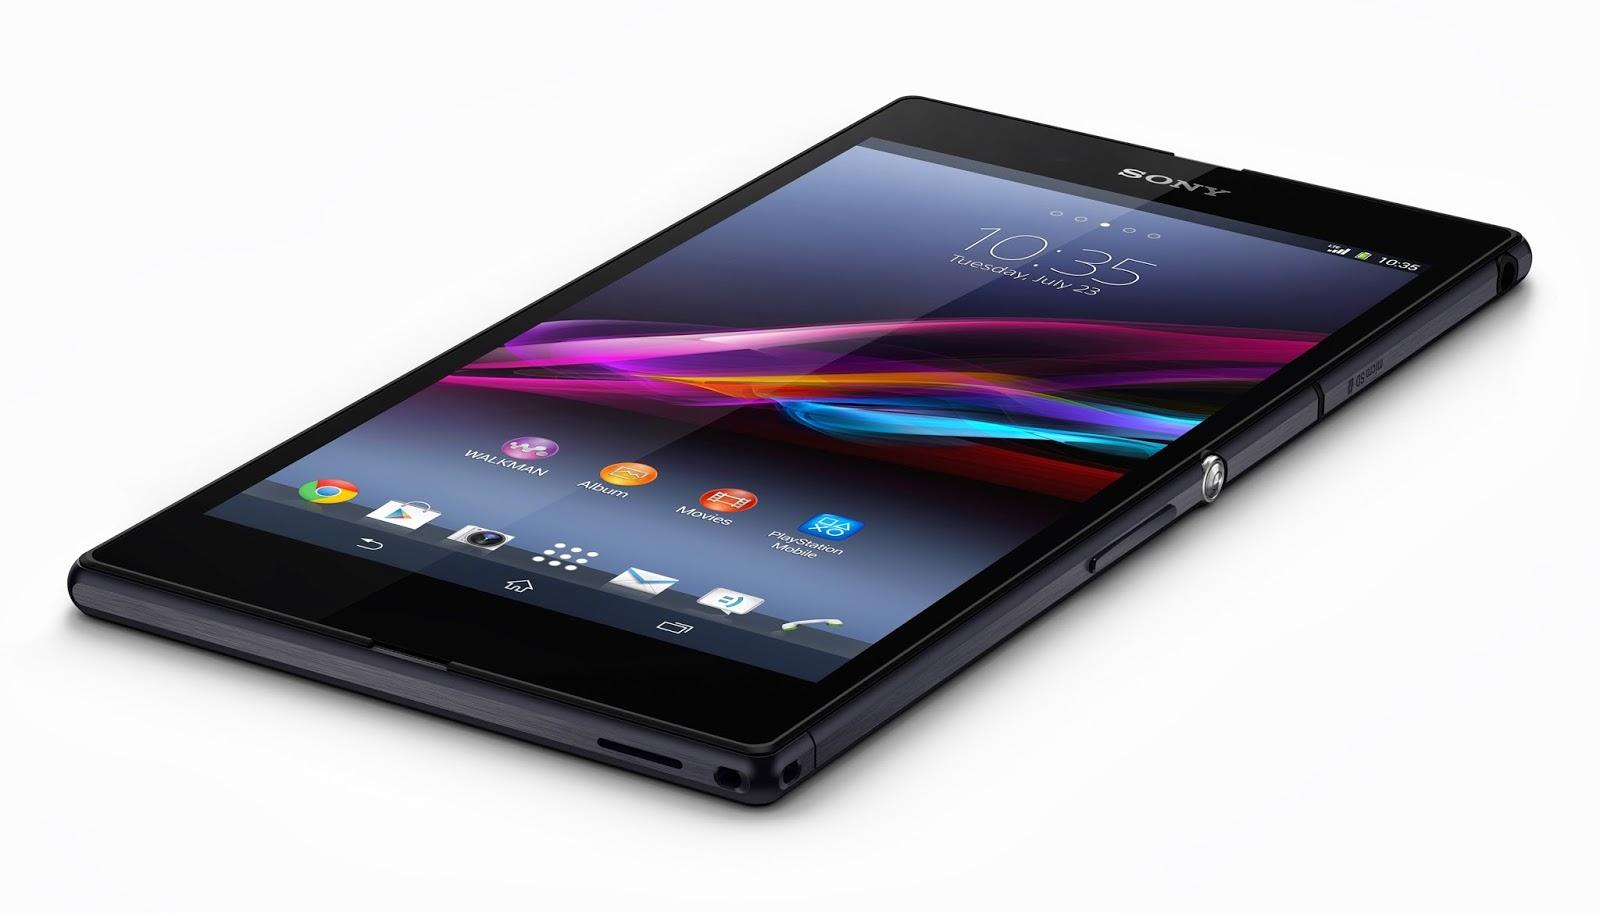 Sony Xperia Z Ultra Stills